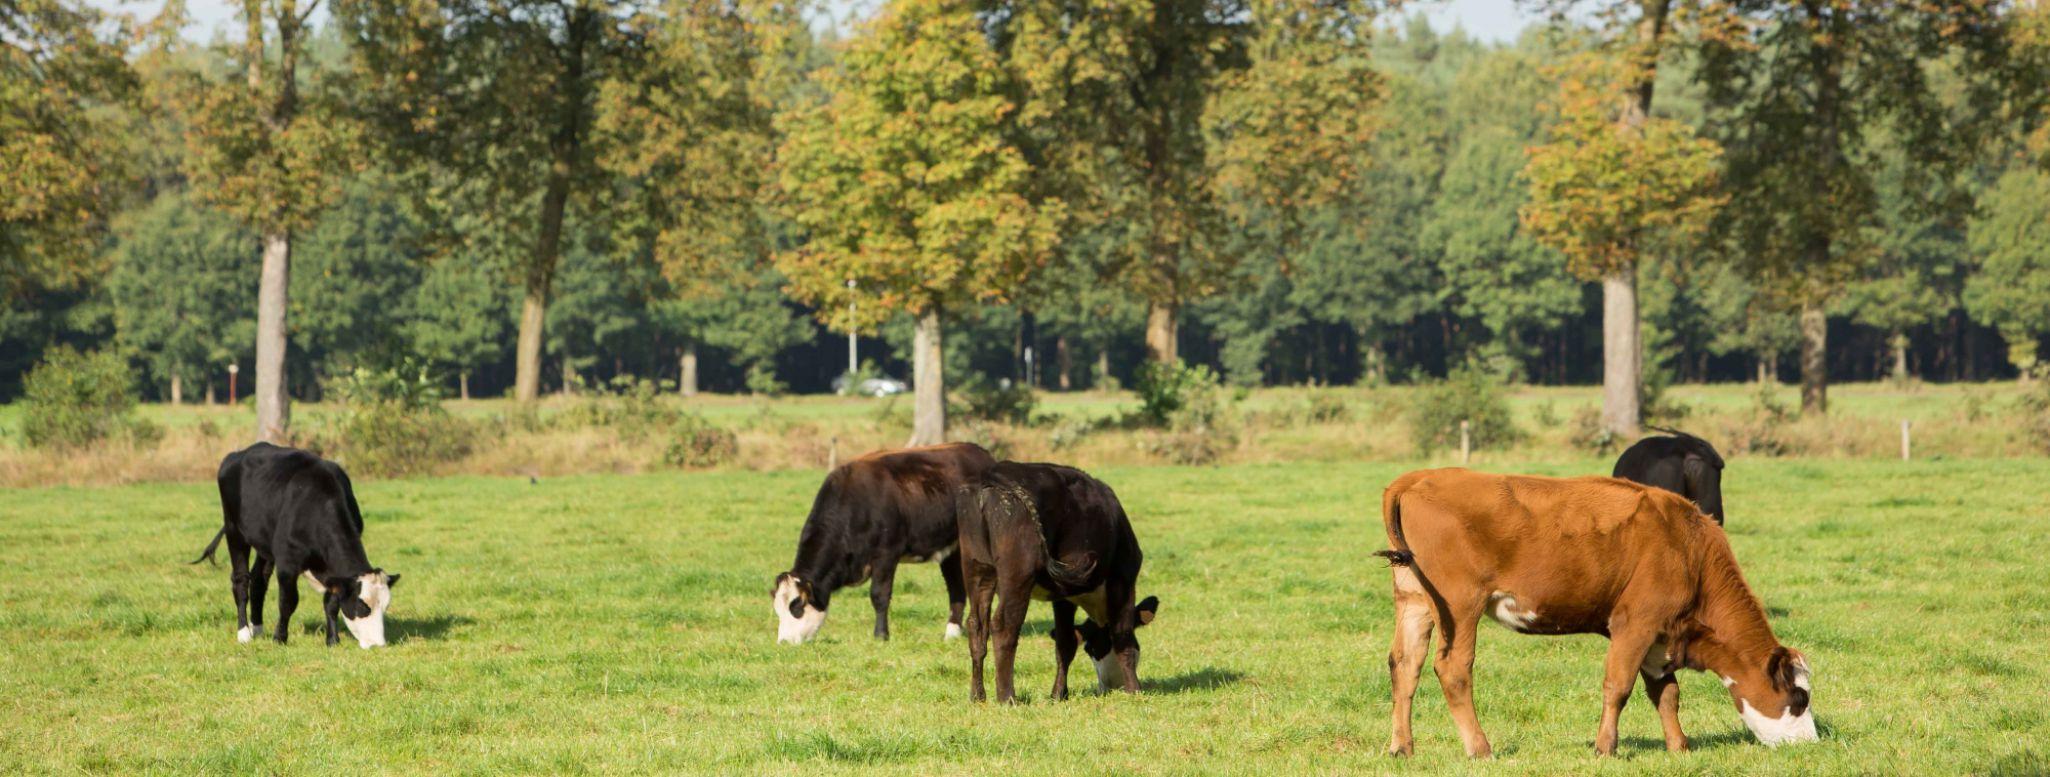 Koeien boerderij van de Abdij der Trappisten Westmalle